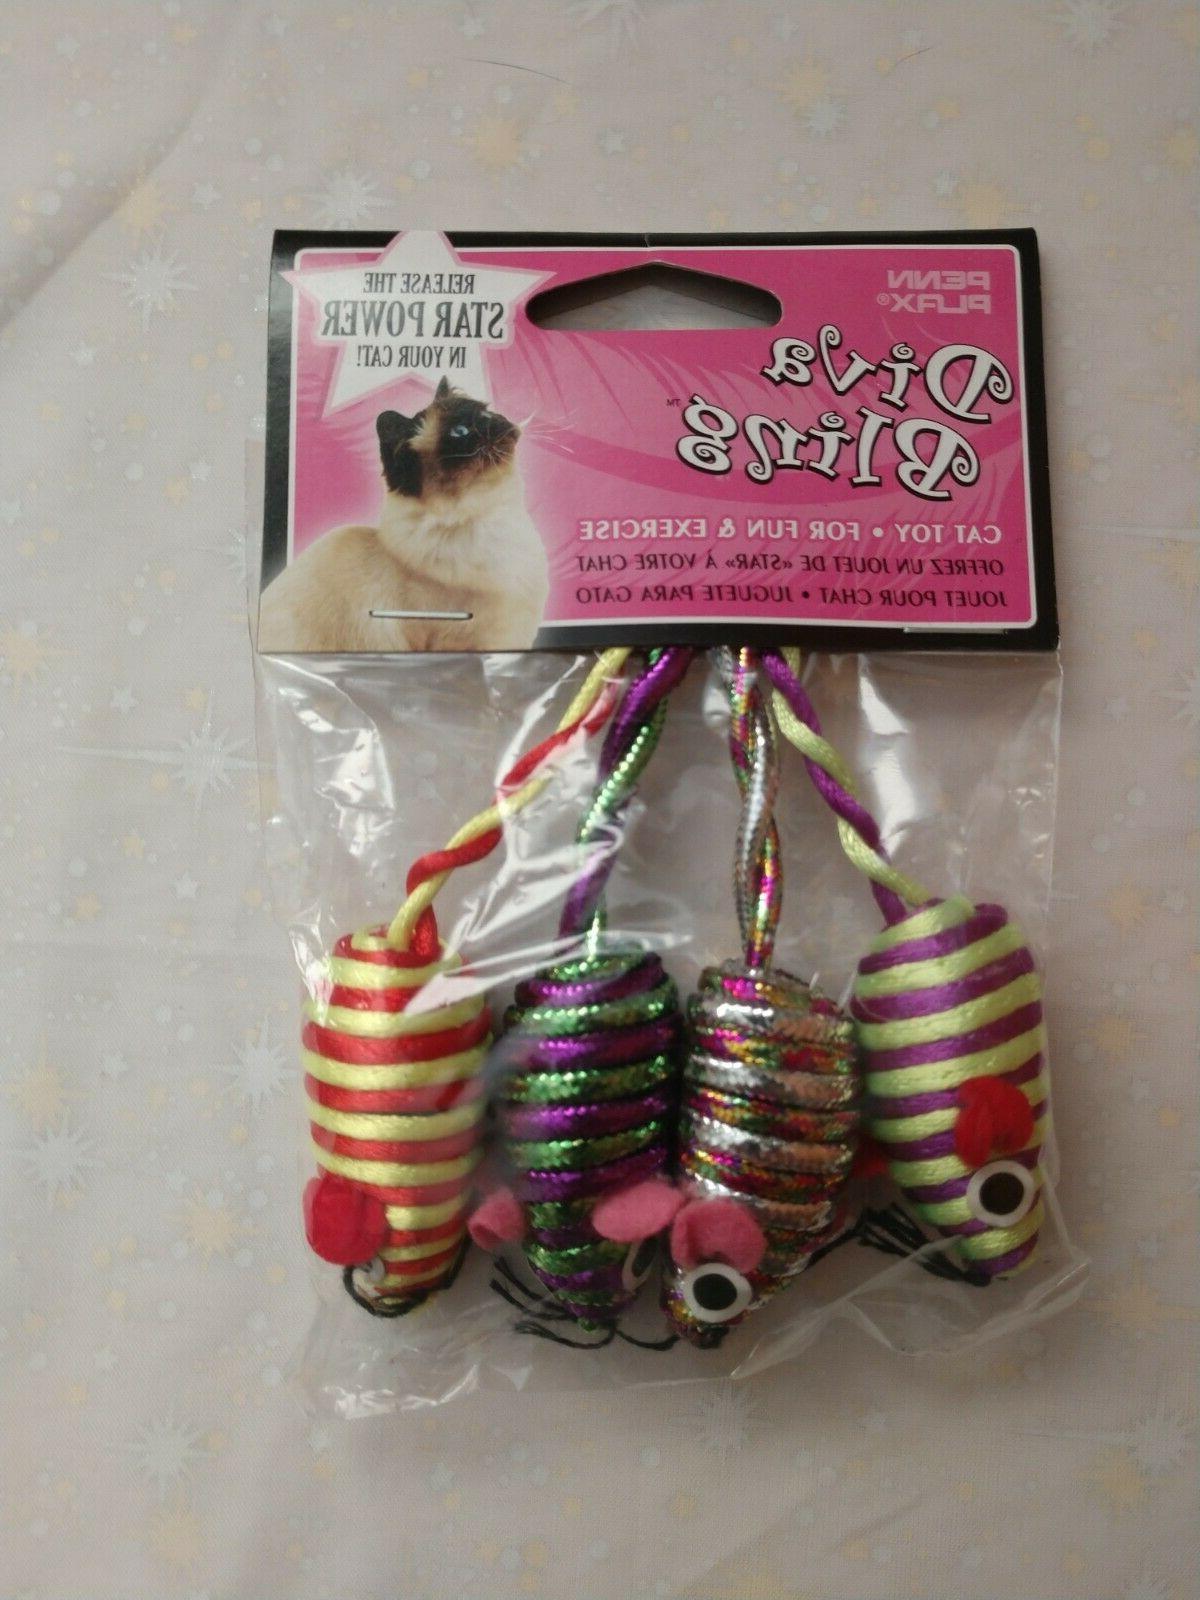 cat toys diva bling by pkg of